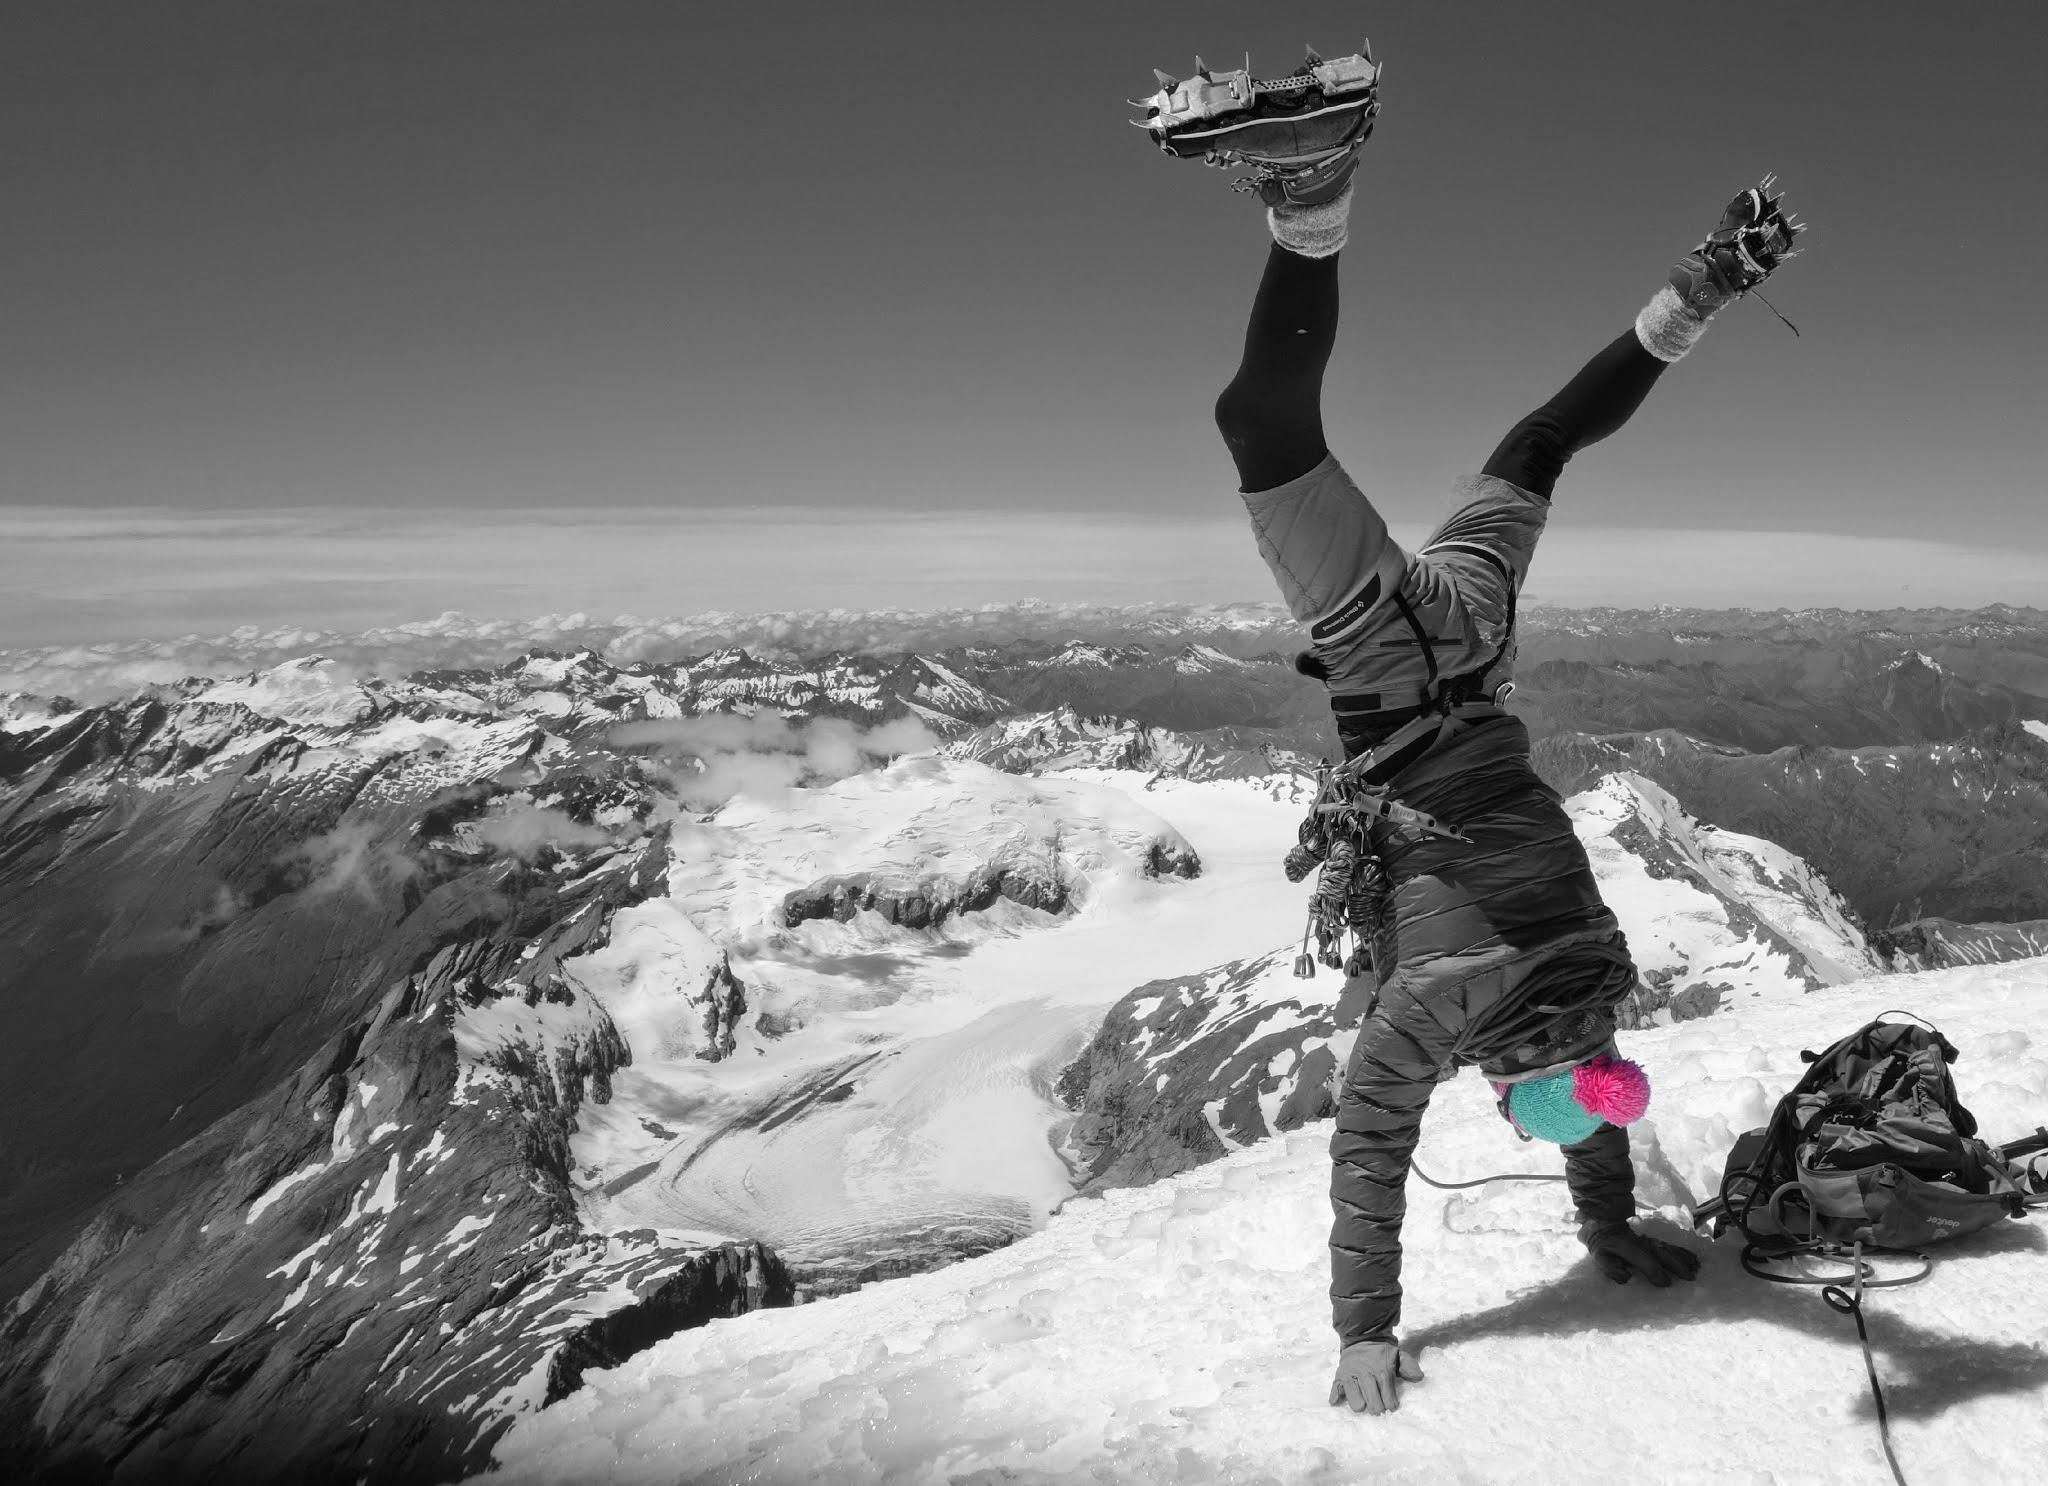 Ivo Meier Bergfuehrer auf Tour Mount Aspiring Handstand Gipfel